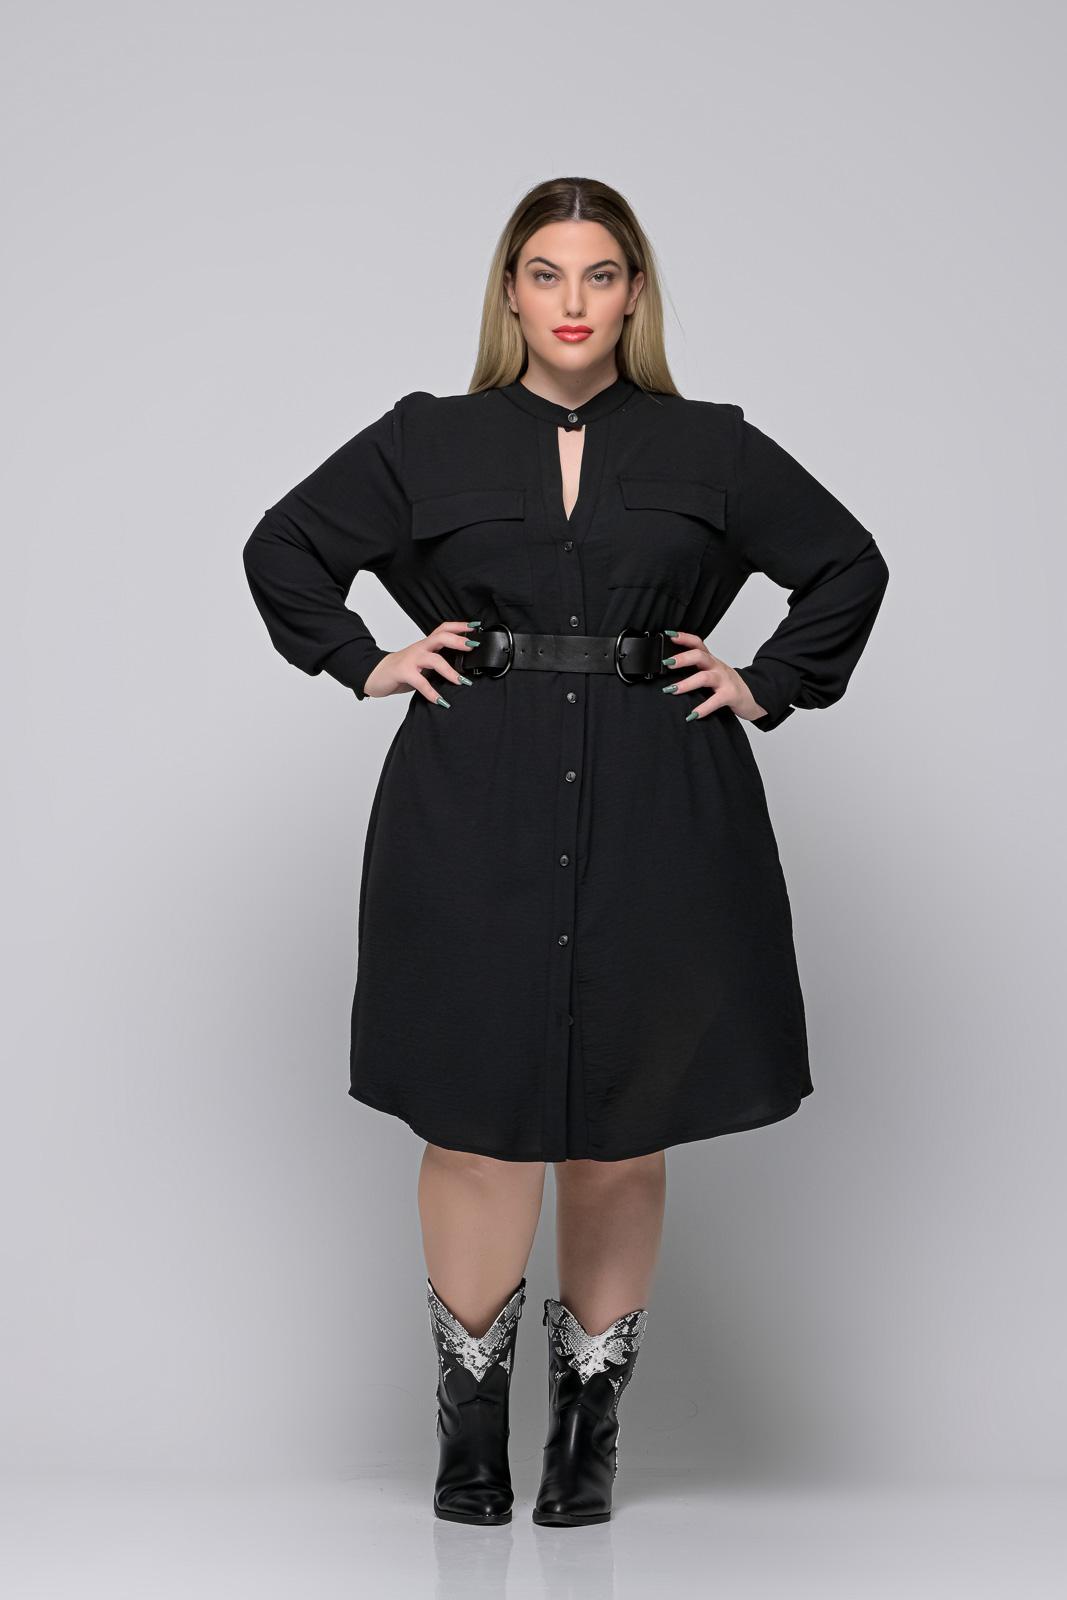 Σεμιζιέ φόρεμα μεγάλα μεγέθη μαύρο με ζωνάκι και μάο γιακά